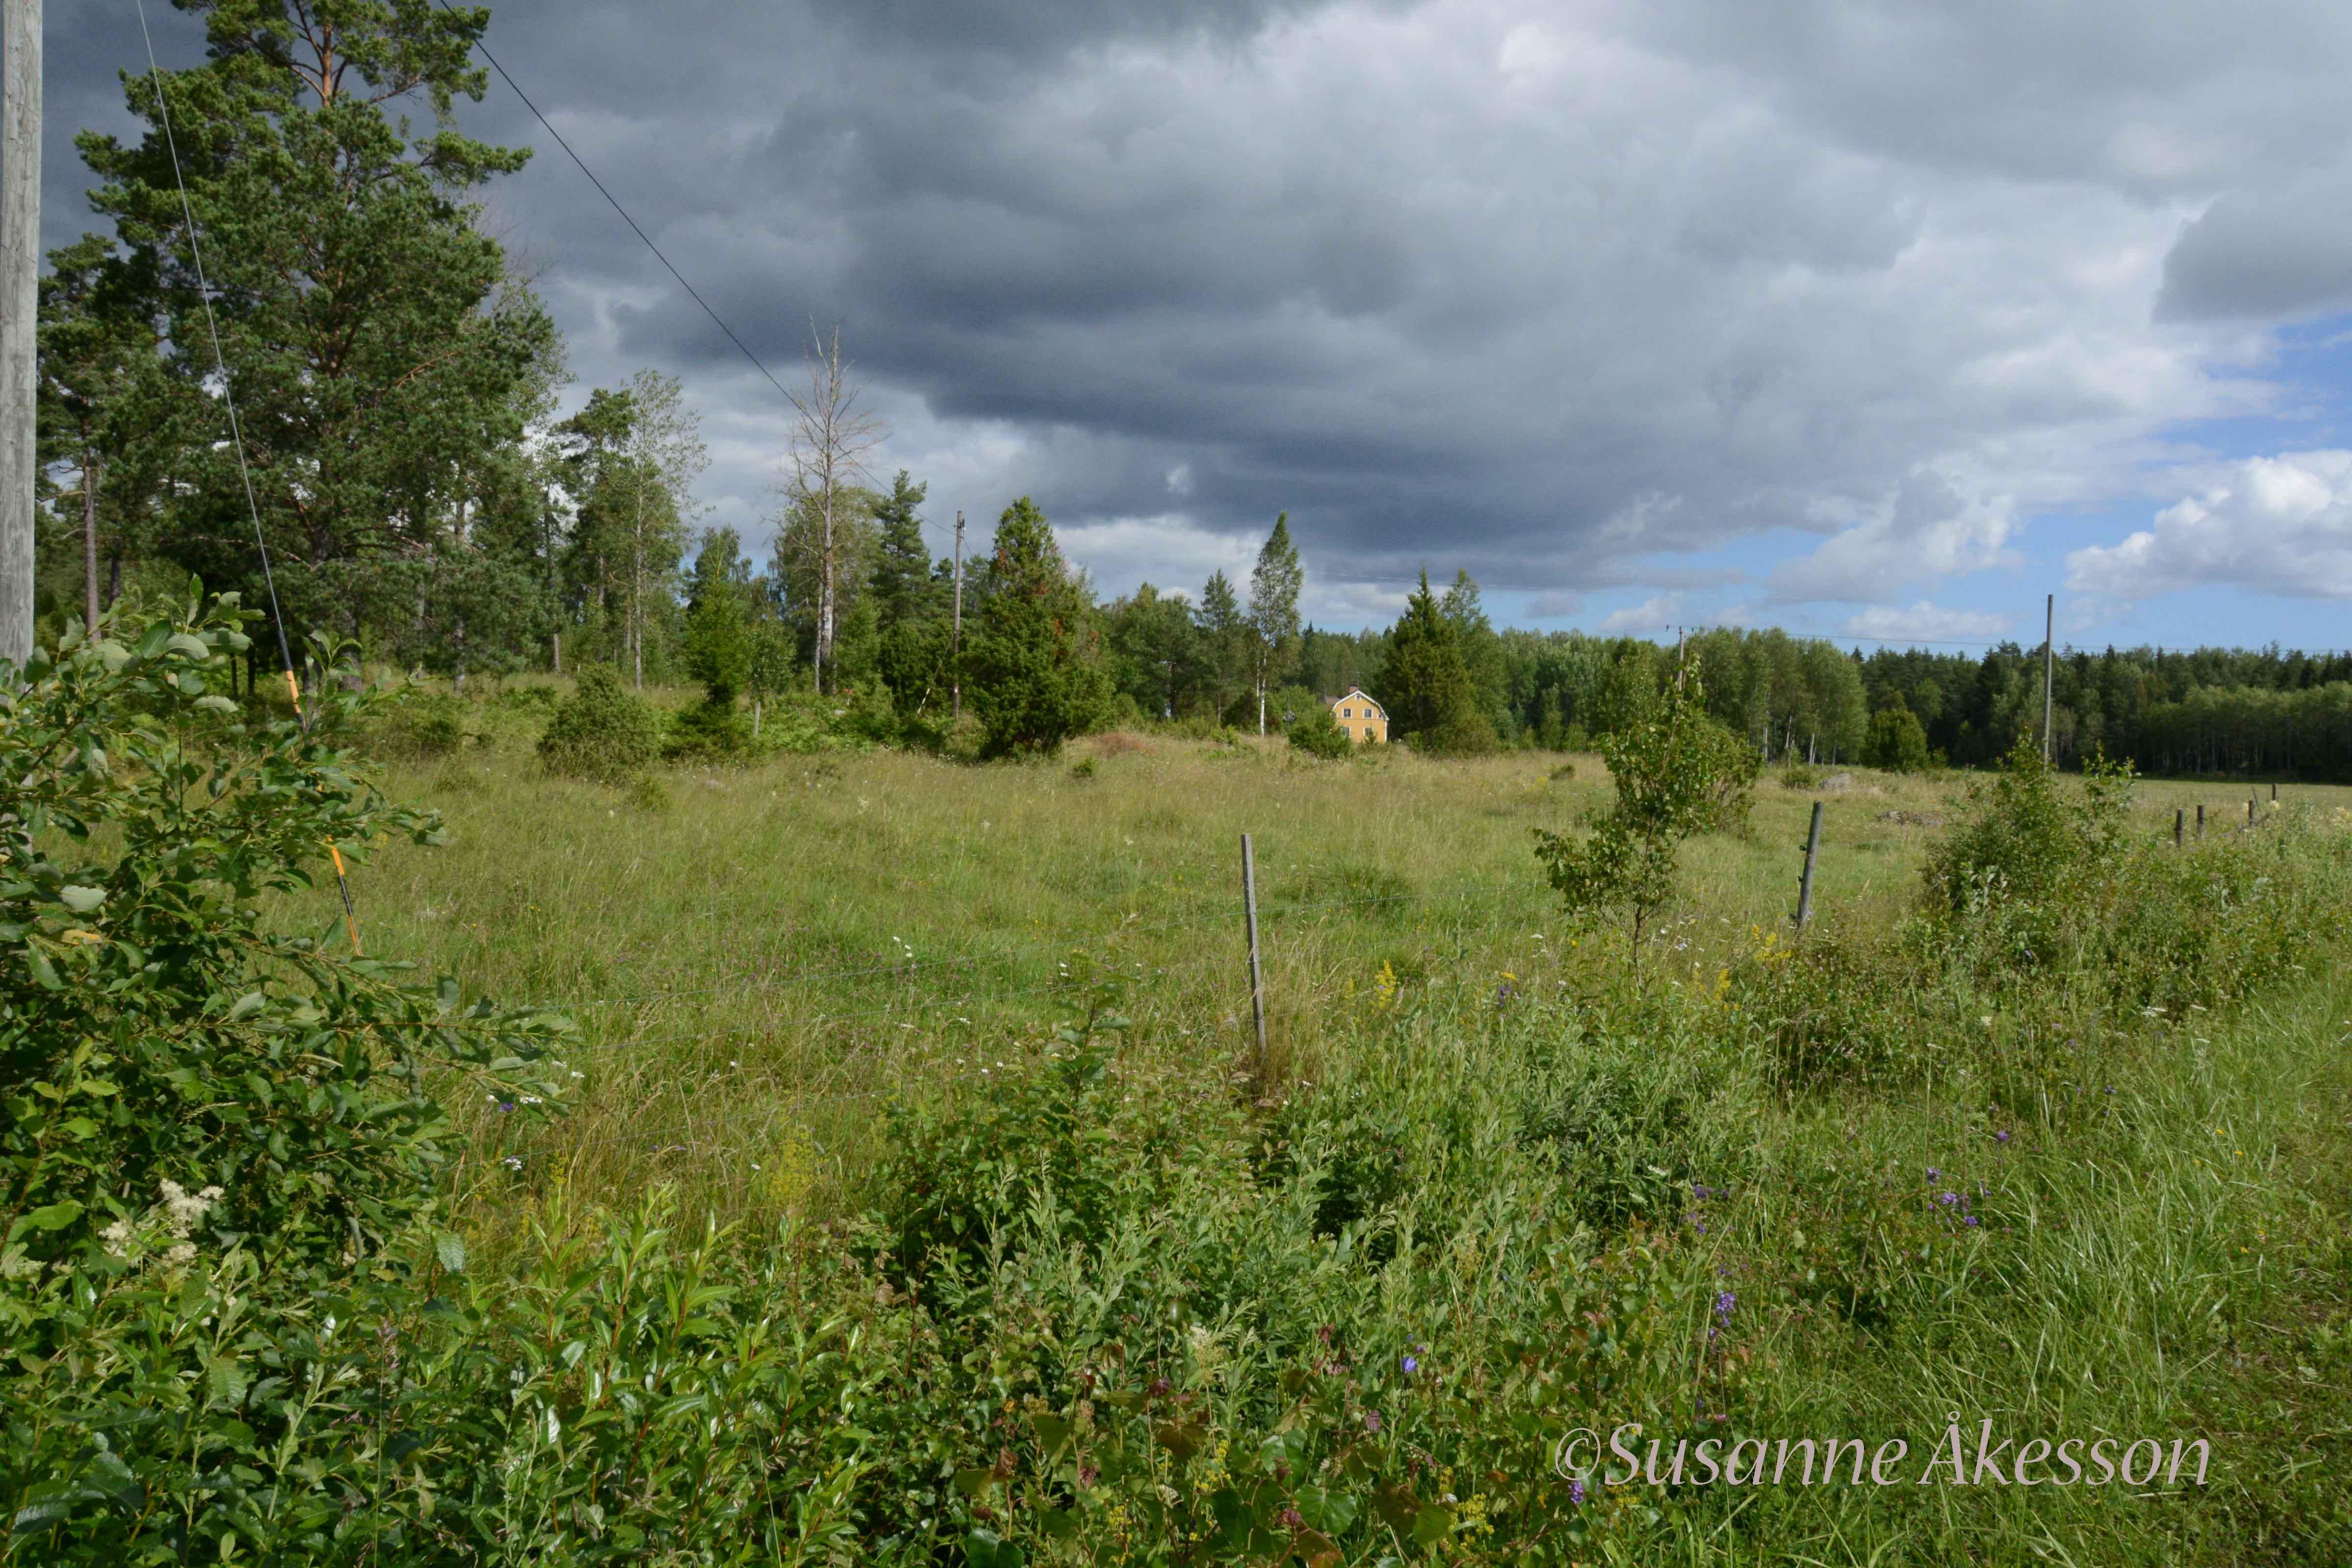 I Hanssons kohage har växtinventeringar visat att det finns extremt många arter på en liten yta. Bland annat växer här fältgentiana, som minskat starkt i Uppland på senare år. Arten kräver obruten hävd och när betet upphör försvinner fältgentianan snart från betesmarken. I Hanssons hage i Ånö har kor betat utan avbrott i flera hundra år.